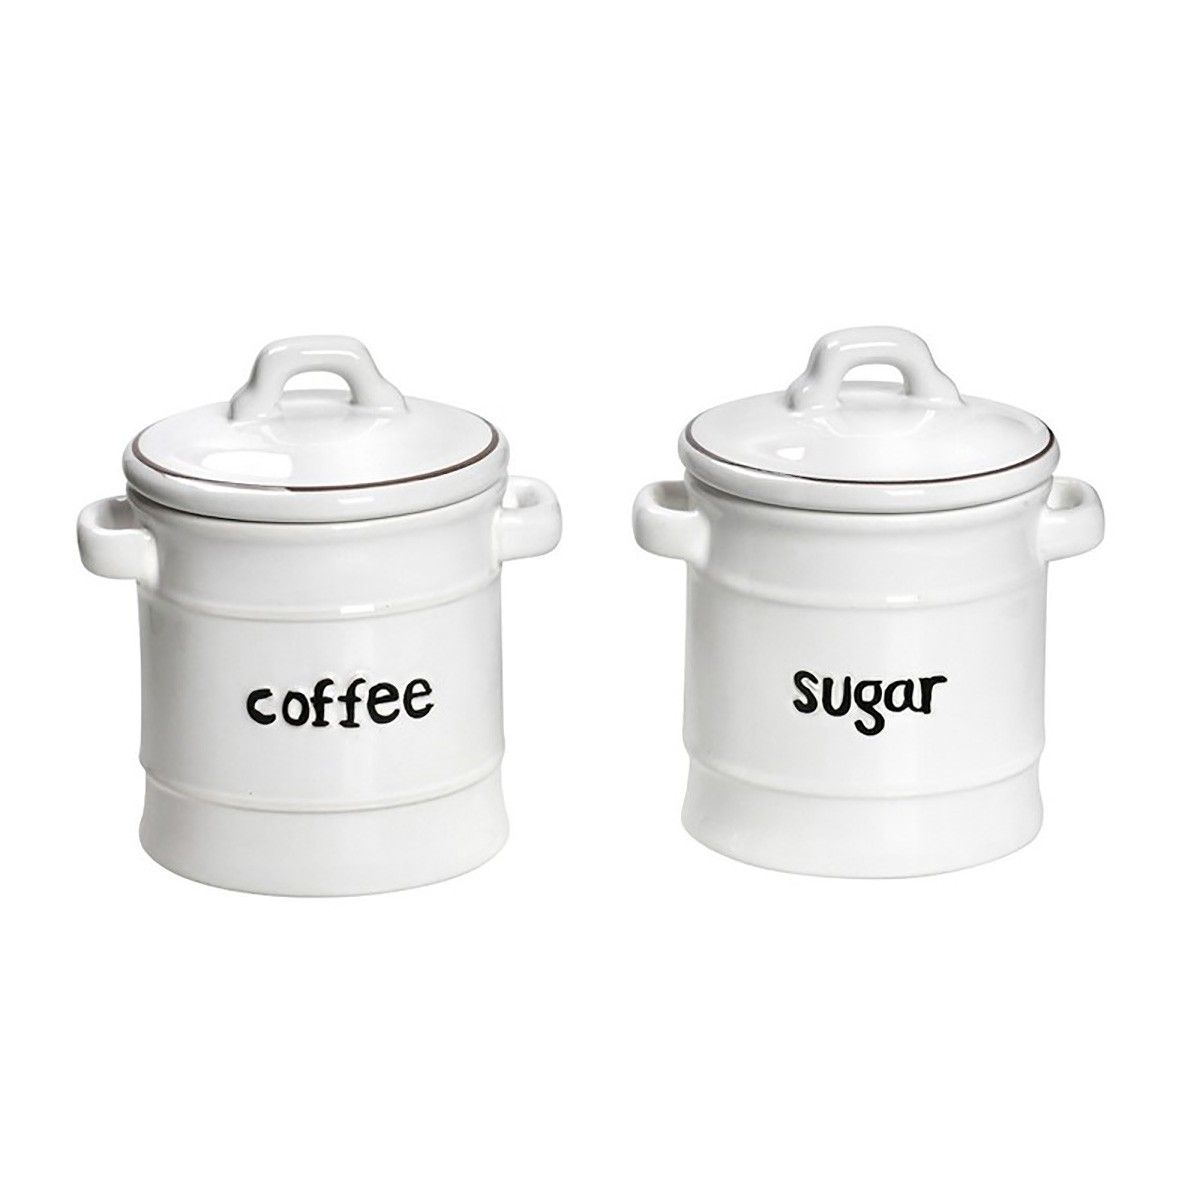 Δοχείο Ζάχαρης + Καφέ (Σετ) Espiel KAS104